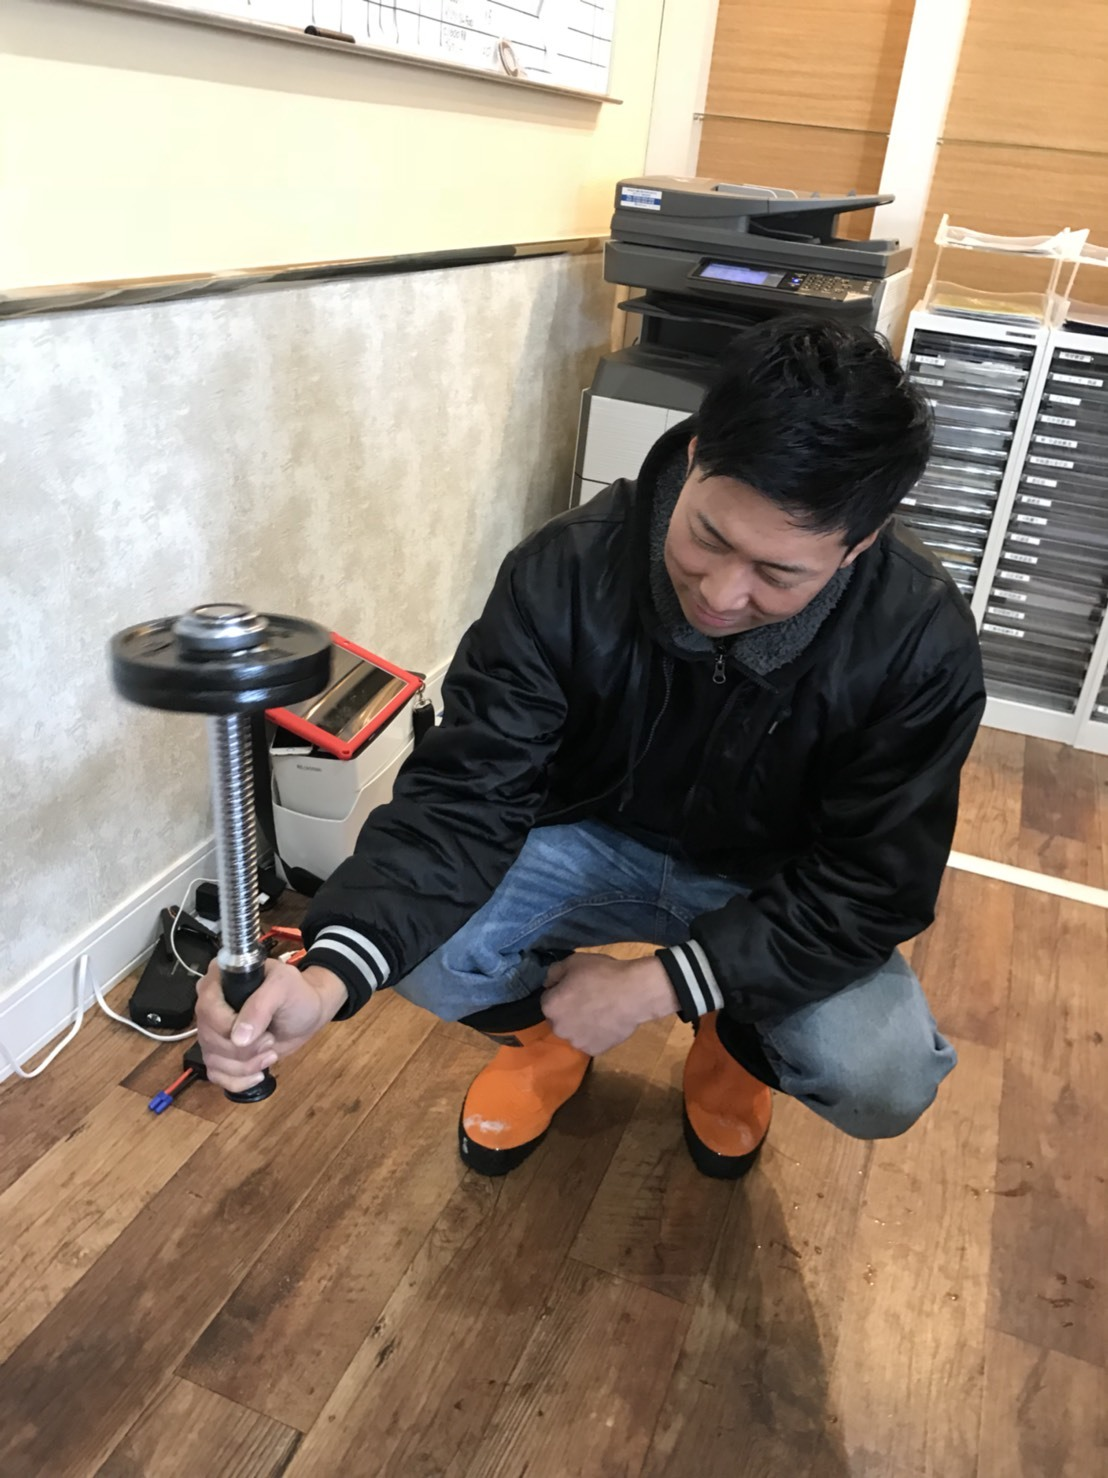 12月27日(水)トミーベース カスタムブログ☆LS600撮影開始!!サンタは大忙し!_b0127002_23340713.jpg